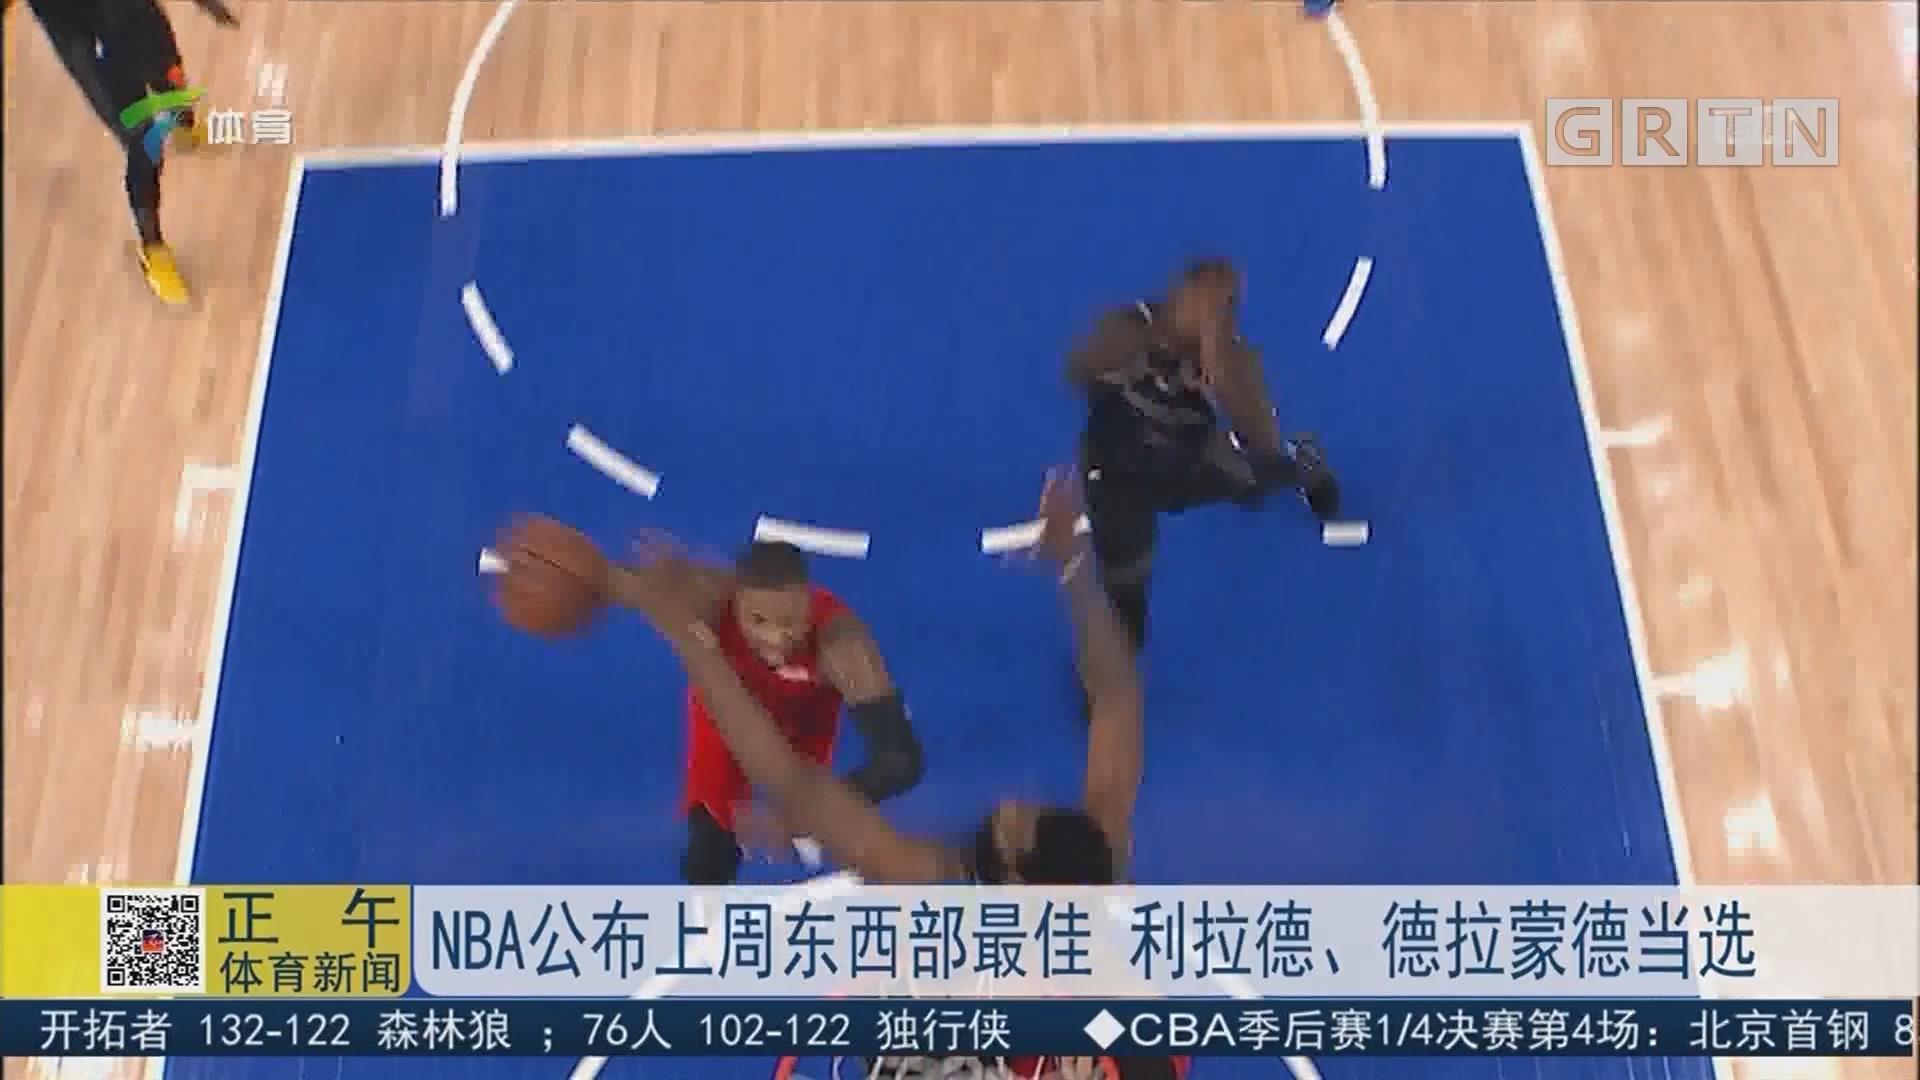 NBA公布上周东西部最佳 利拉德、德拉蒙德当选